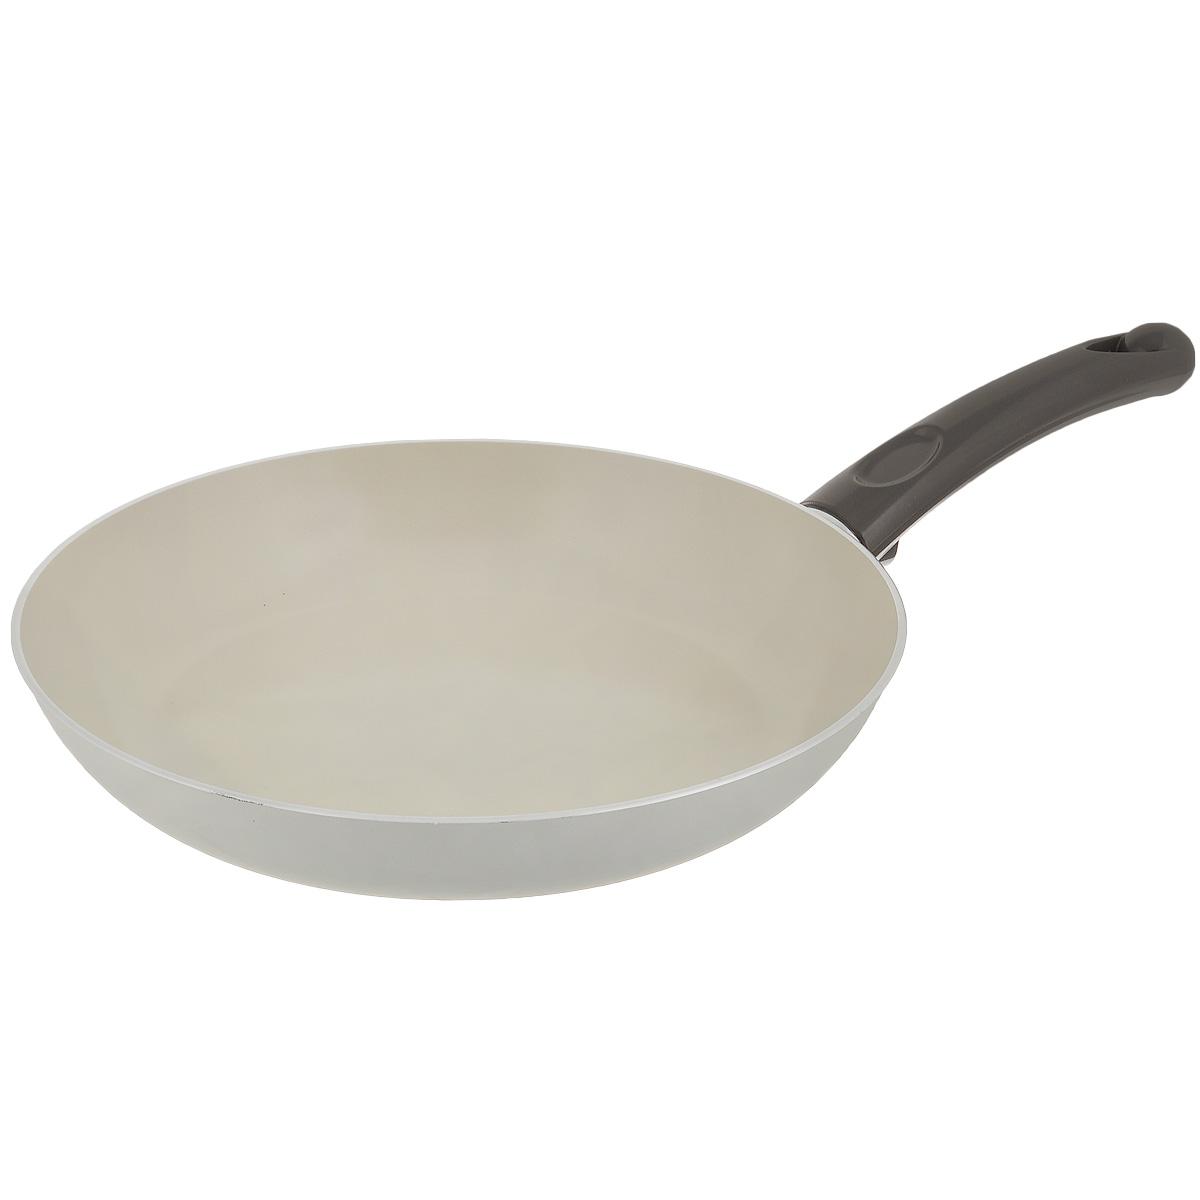 Сковорода TVS Bianca, с антипригарным покрытием, цвет: молочный. Диаметр 24 см6224слСковорода TVS Bianca выполнена из алюминия с внешним эмалированным покрытием молочного цвета и обладает превосходной теплопроводностью. Идеально подходит для жарки и тушения блюд. Внутреннее антипригарное керамическое покрытие Ceramit позволяет готовить пищу практически без использования масла.Эргономичная ручка, изготовленная из бакелита, имеет плавные формы, которые подчеркивают стиль сковороды.Сковорода TVS Bianca изготовлена из экологичных материалов, что делает ее пригодной для приготовления пищи детям.Подходит для всех видов плит, кроме индукционных.Можно мыть в посудомоечной машине.Коллекция посуды Bianca - серия кухонной посуды с керамическим покрытием Ceramit. Отличается своей экологичностью и непревзойденной непористой гладкой антипригарной поверхностью молочного цвета. Компания TVS была основана в 1968 году. Основными принципами, которых придерживается компания, являются экологическая безопасность производства, использование новейших материалов и технологий, а также всесторонний учет потребностей рынка. Посуда TVS (Италия) - это превосходное решение для любой современной кухни, способное создать по-настоящему комфортные условия для приготовления пищи. Диаметр сковороды: 24 см. Высота стенки: 4 см.